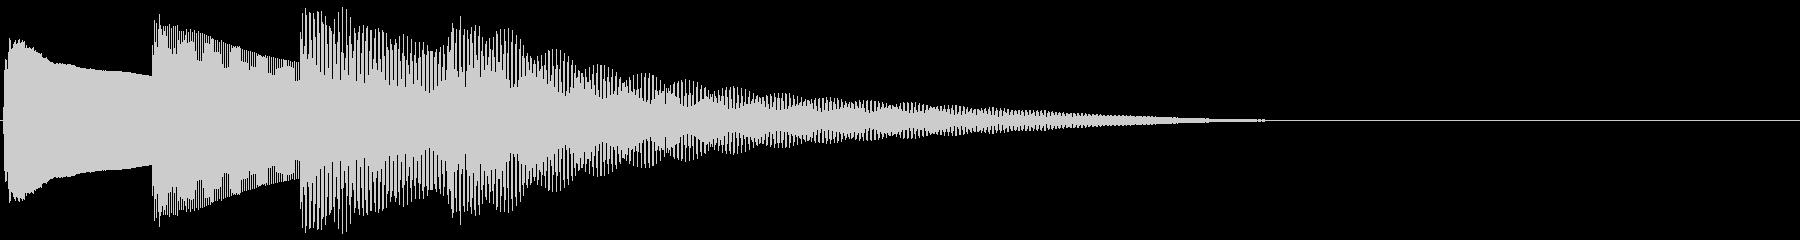 ピンポンパンポン 下降(館内放送終了)の未再生の波形